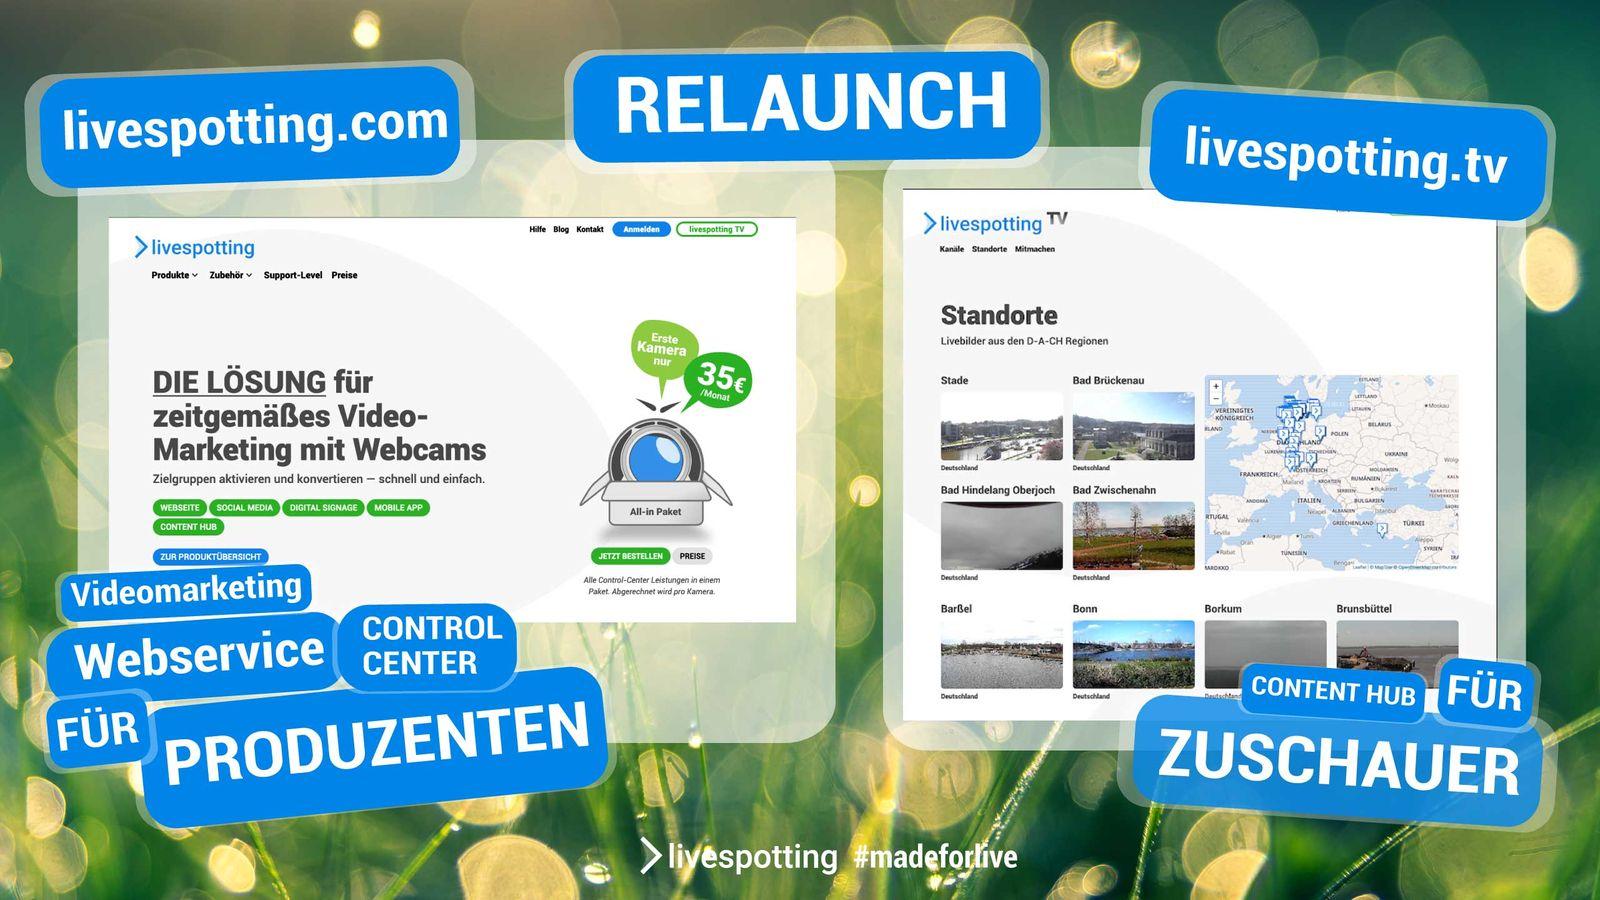 Neue Webseite livespotting.com und Hausmarke livespotting.tv